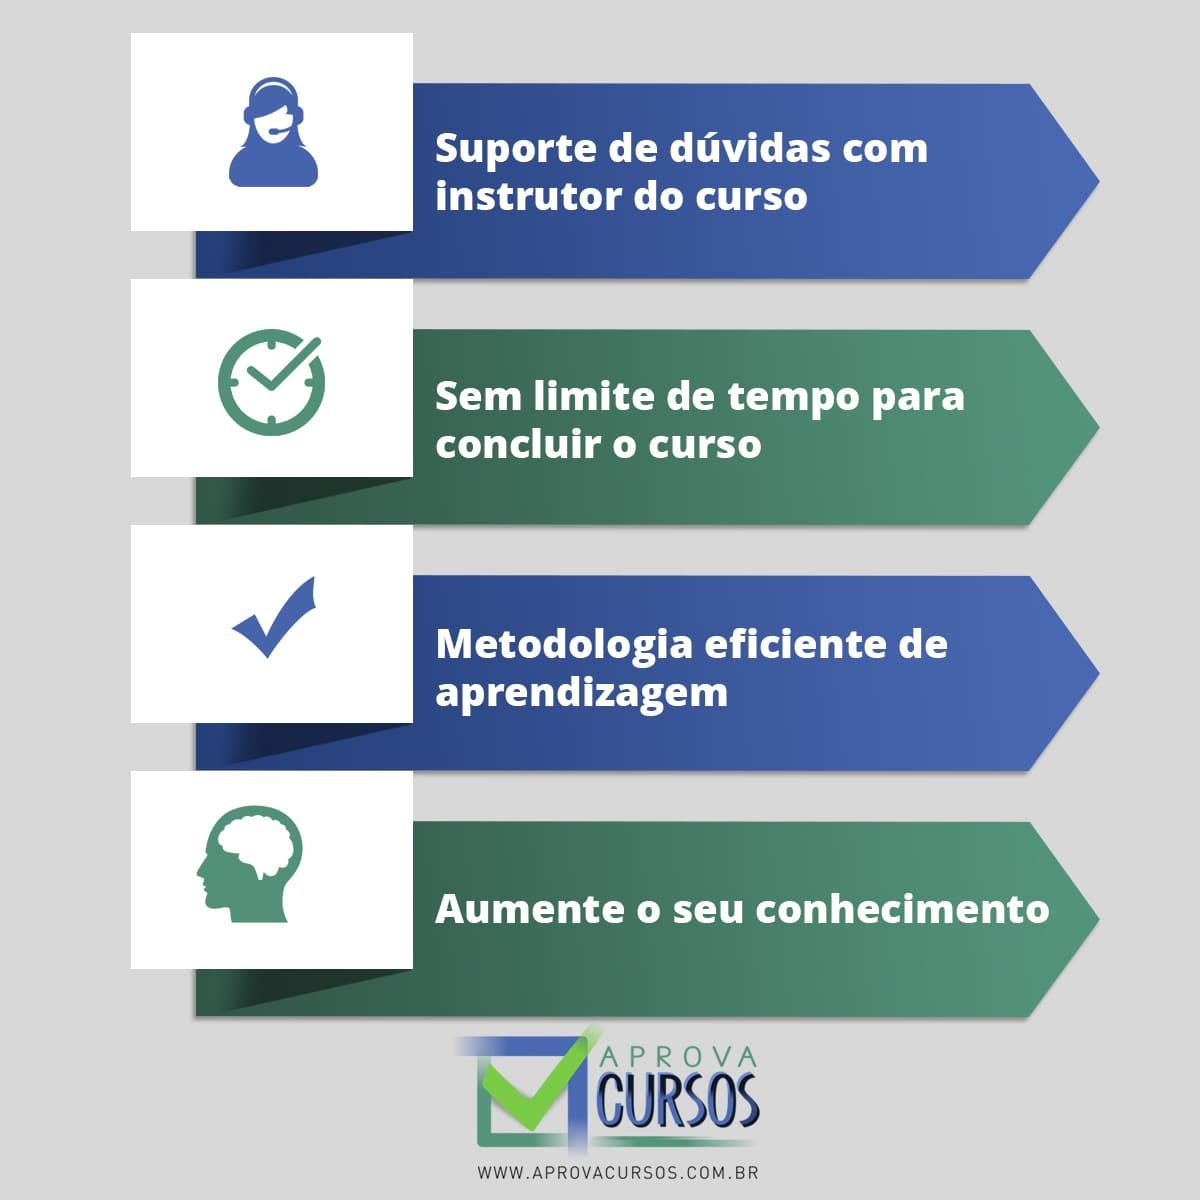 Curso Online de Introdução à Segurança do Trabalho com Certificado  - Aprova Cursos